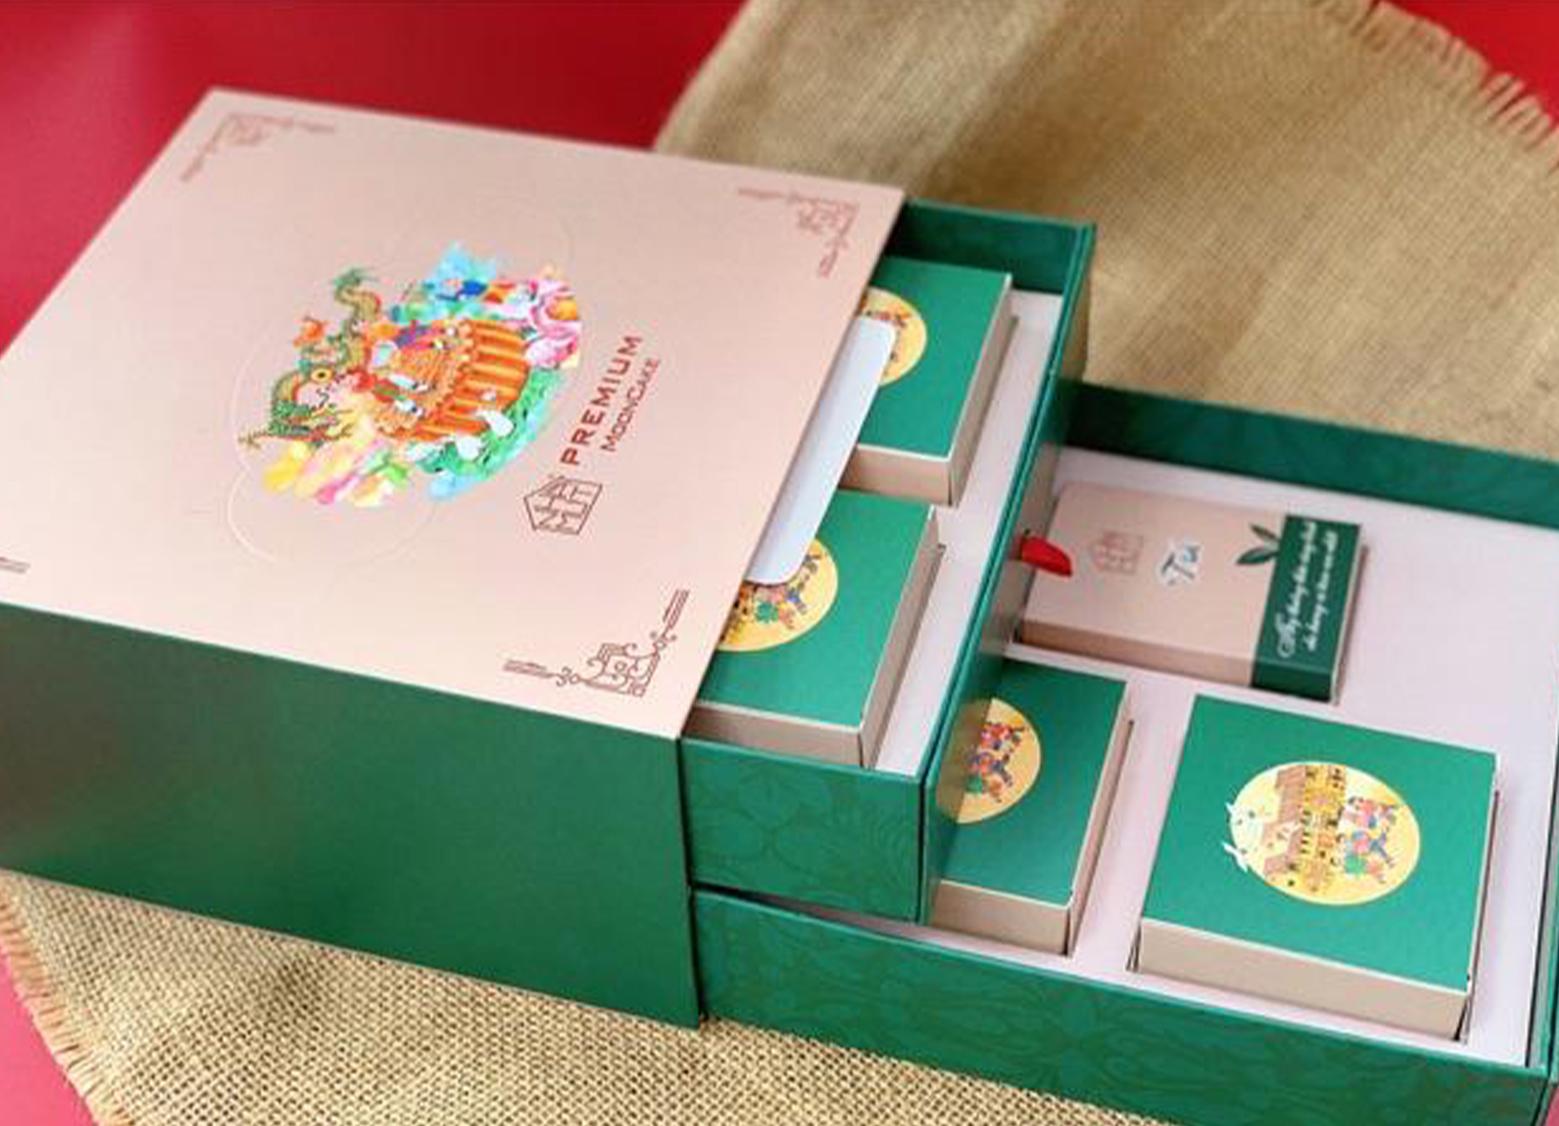 mẫu in hộp hộp bánh trung thu 5